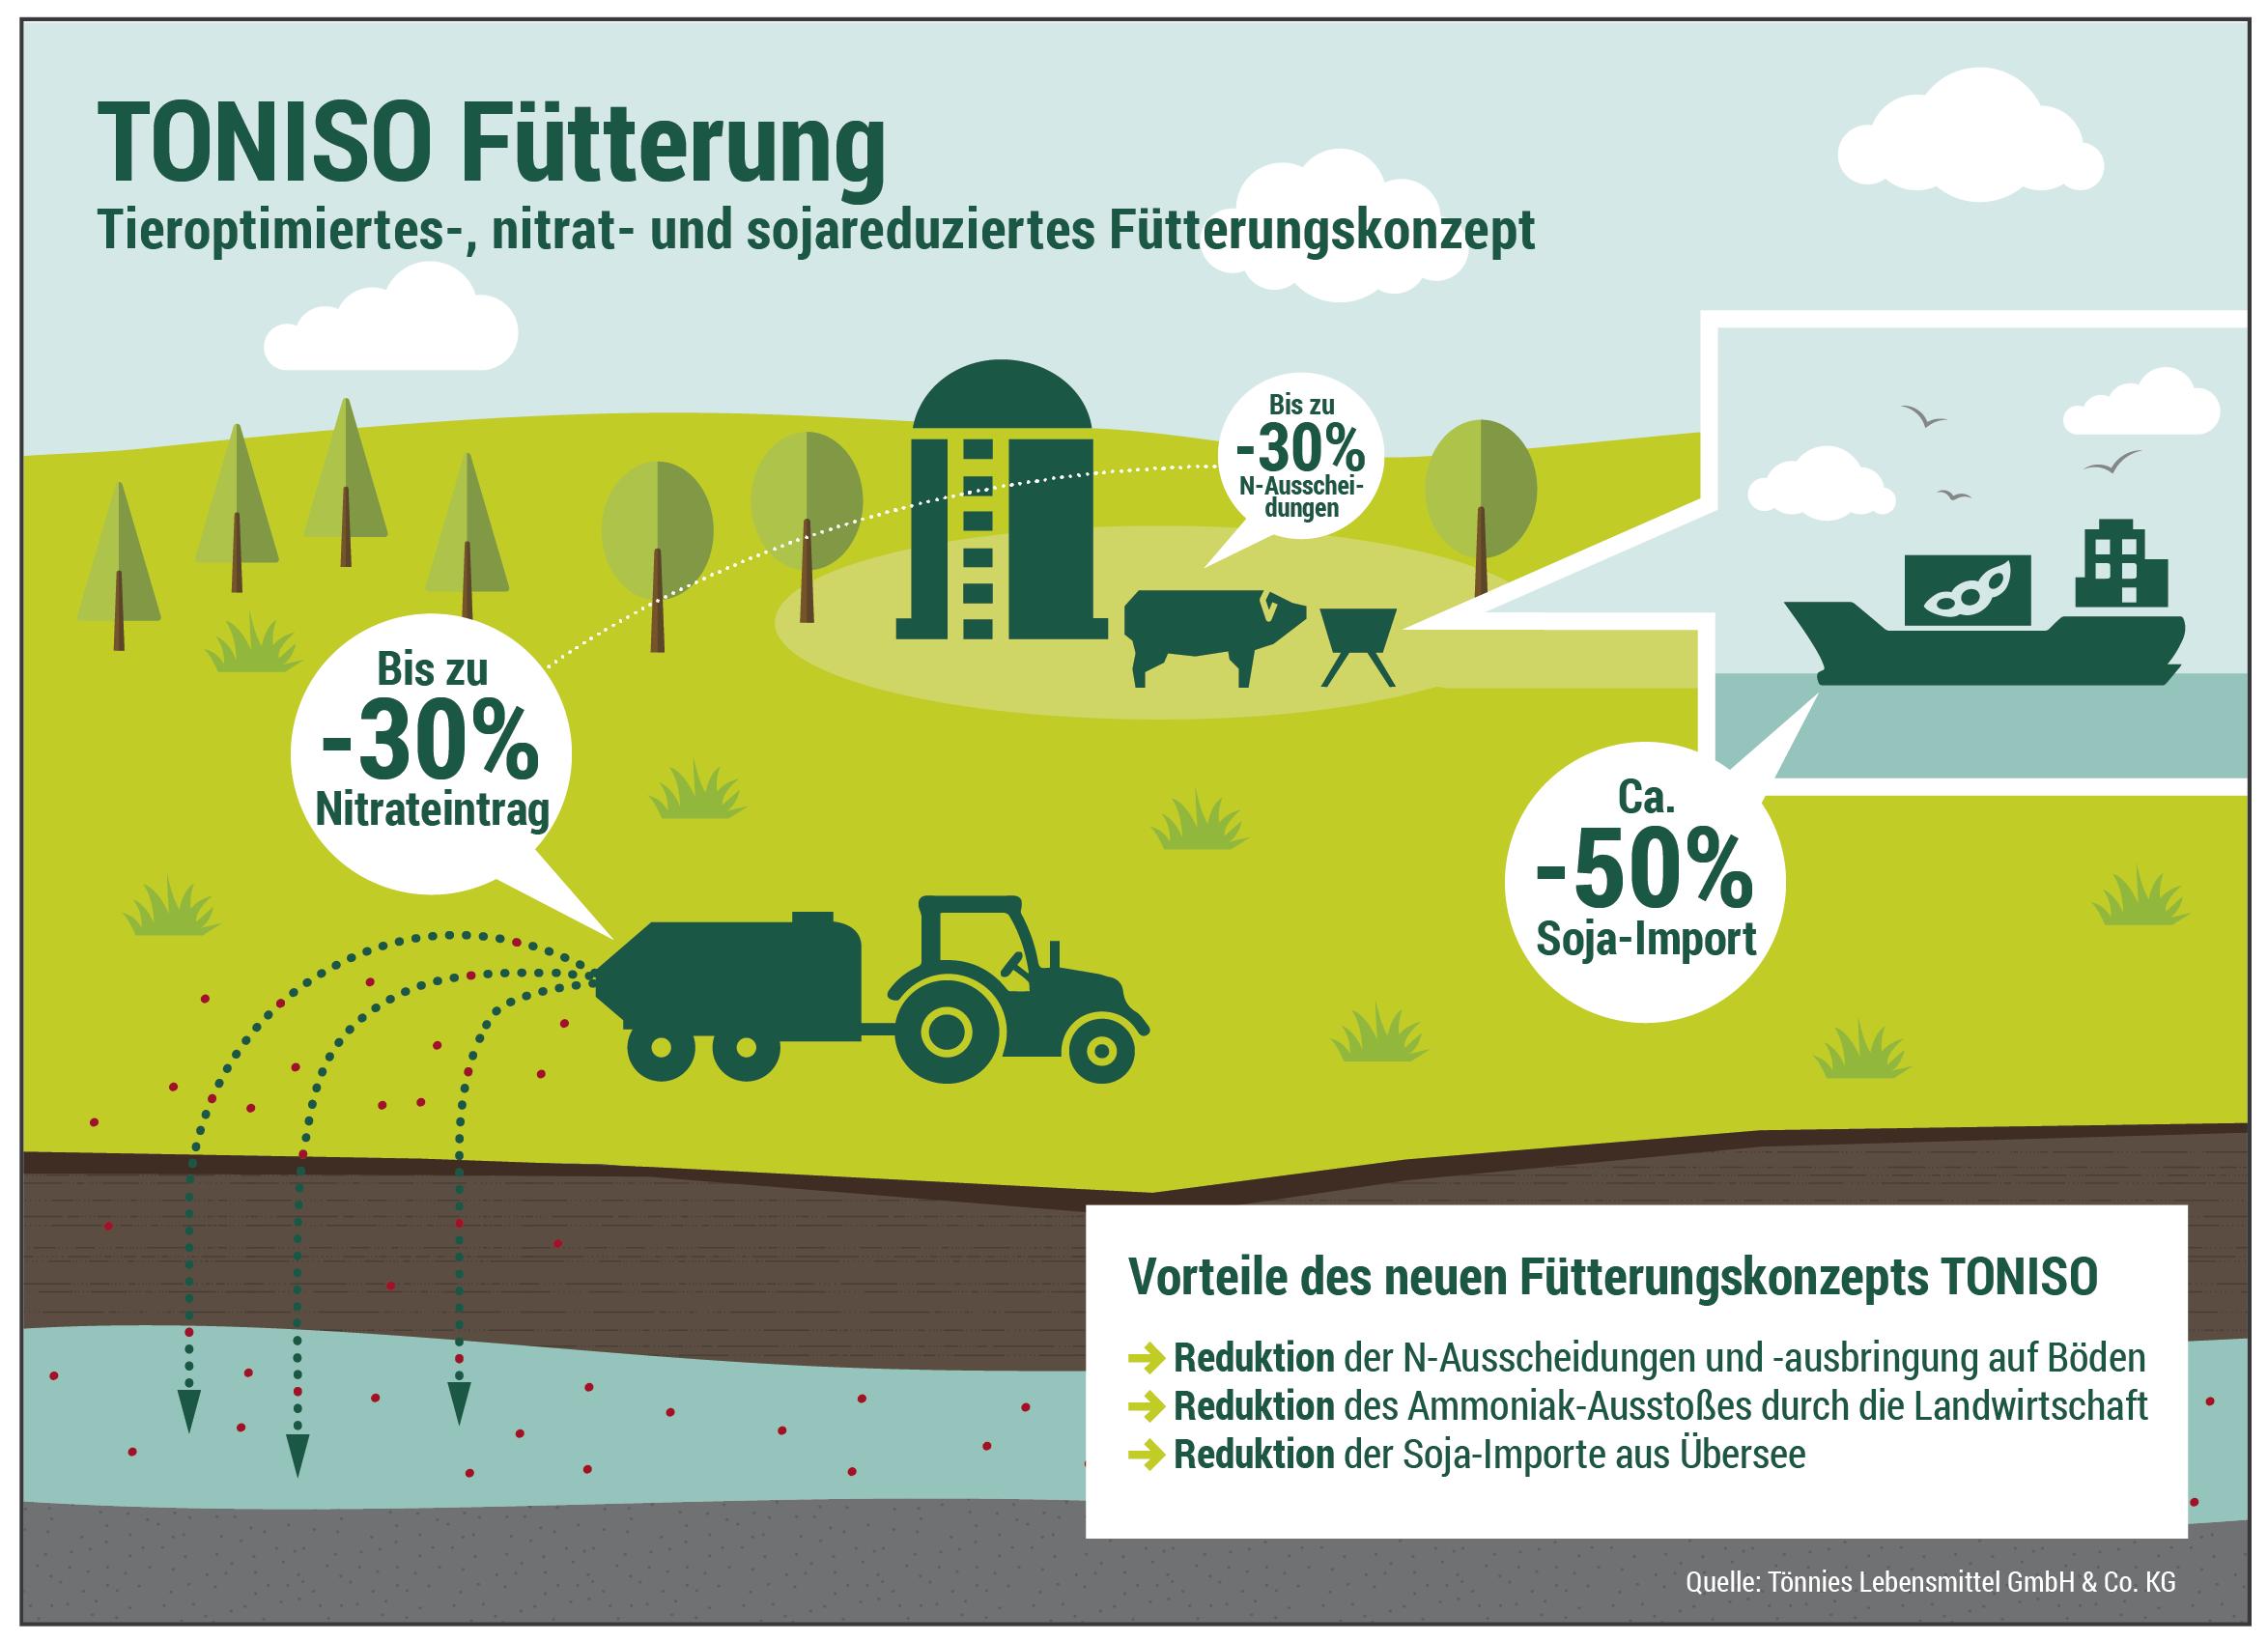 Meilenstein in der Nutztierhaltung mit TONISO-Fütterung